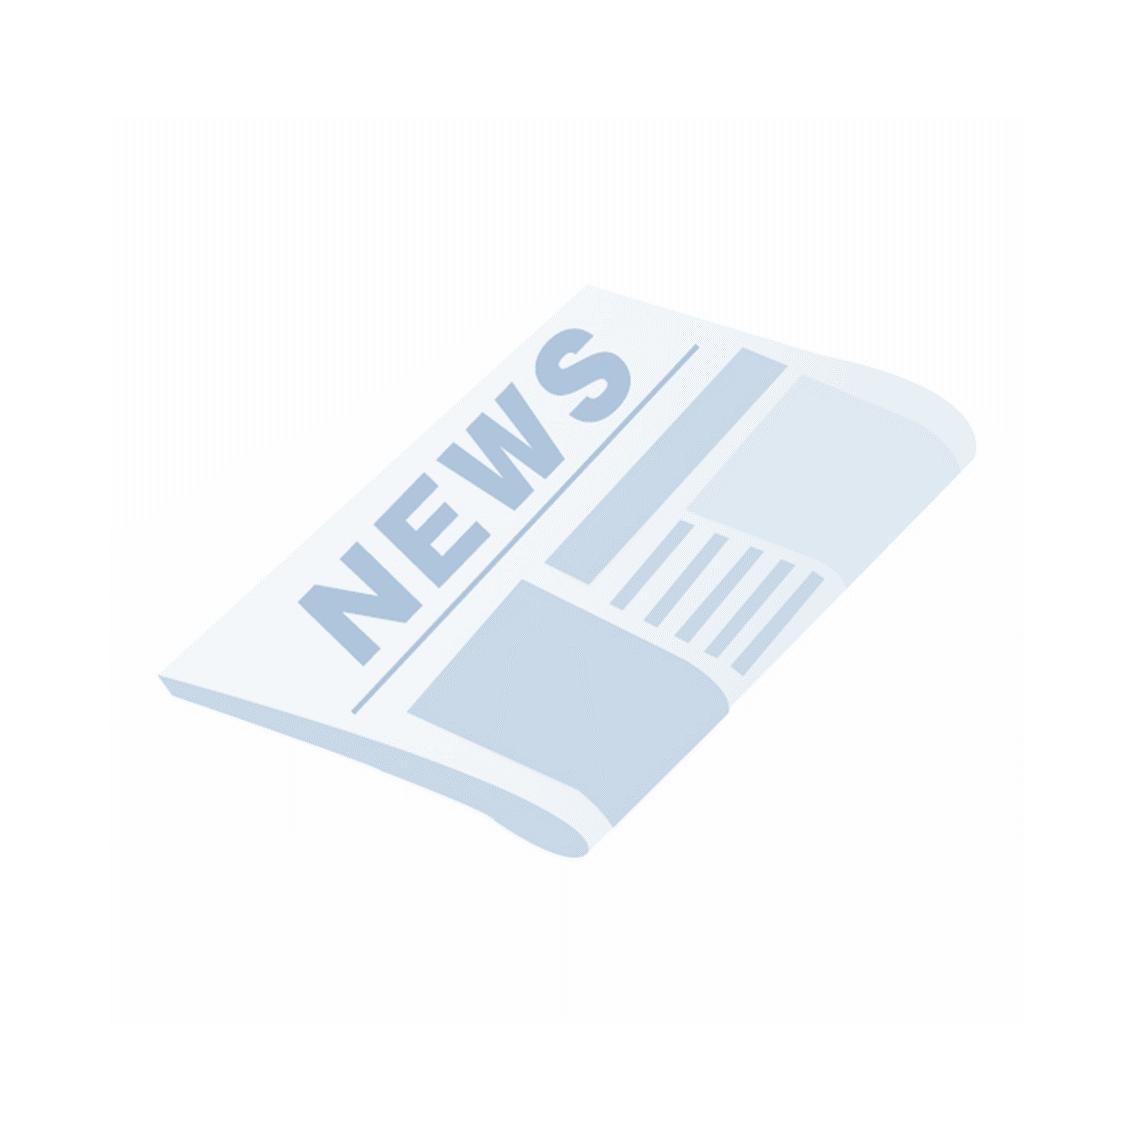 繊維ニュースWeb   2020.04.20(MON) / トップインタビュー,駒田展大理事長『社会貢献する検査機関に』